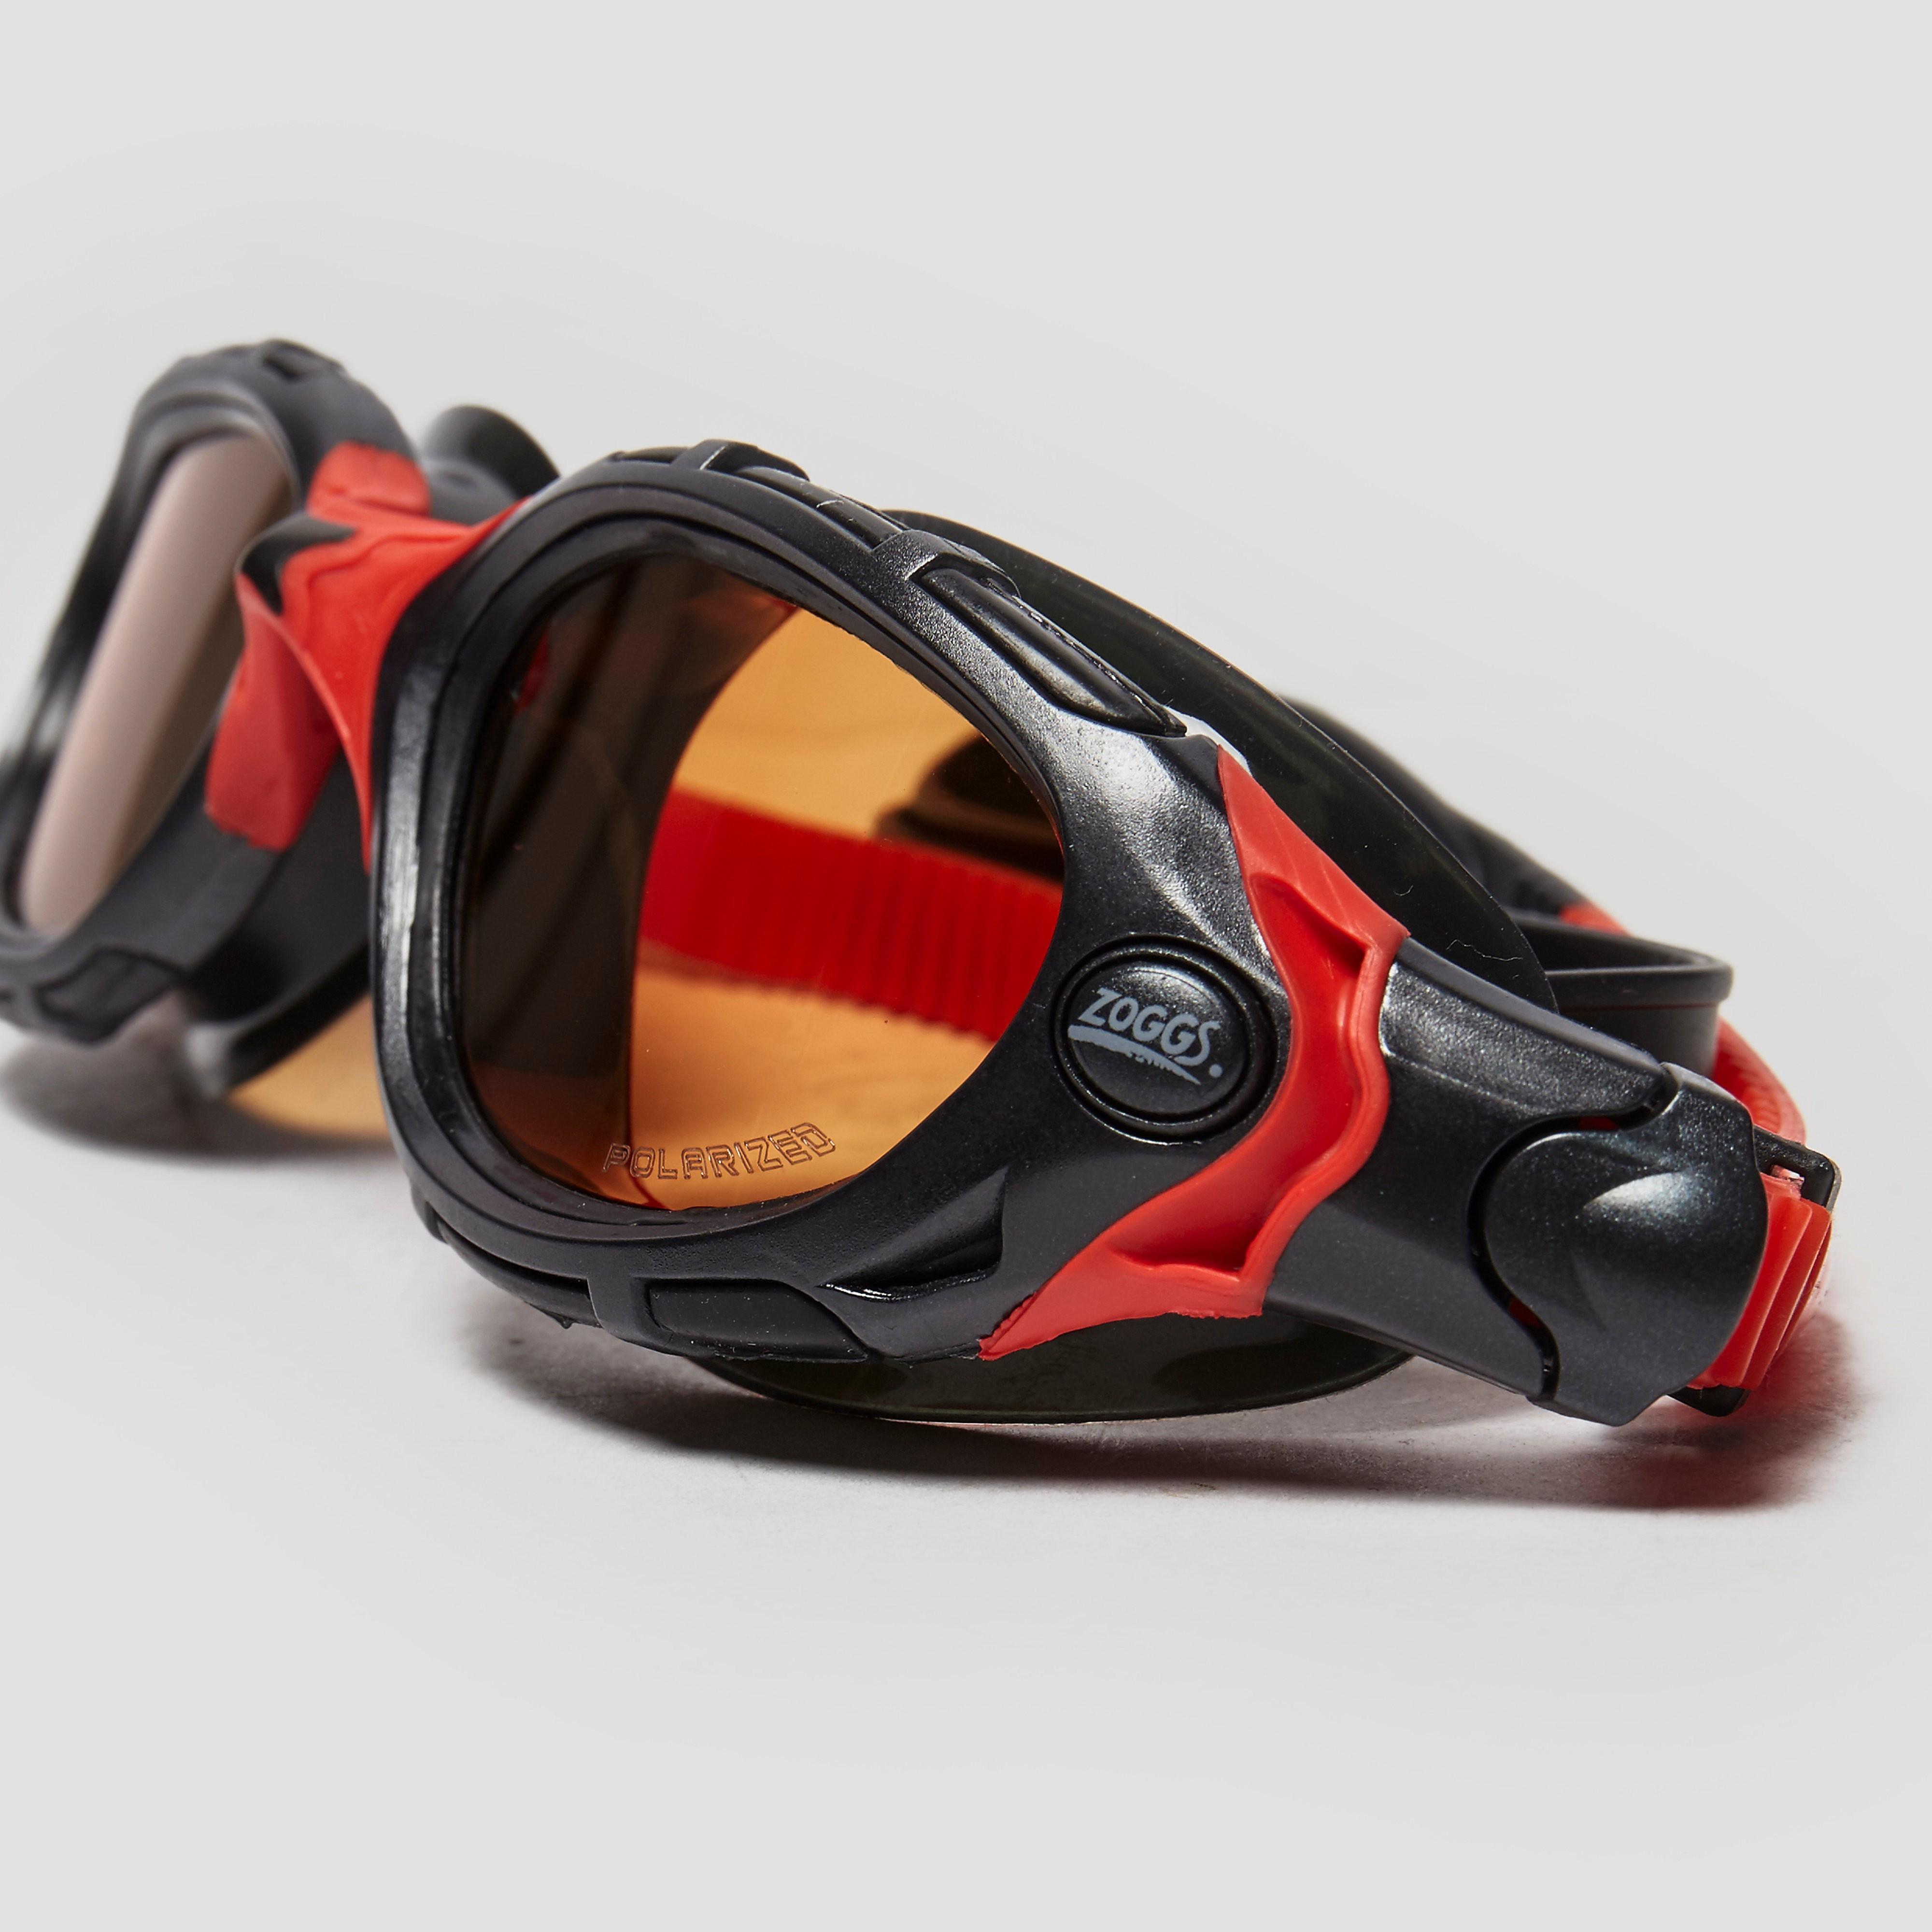 Zoggs Predator Flex Adult Swimming Goggles